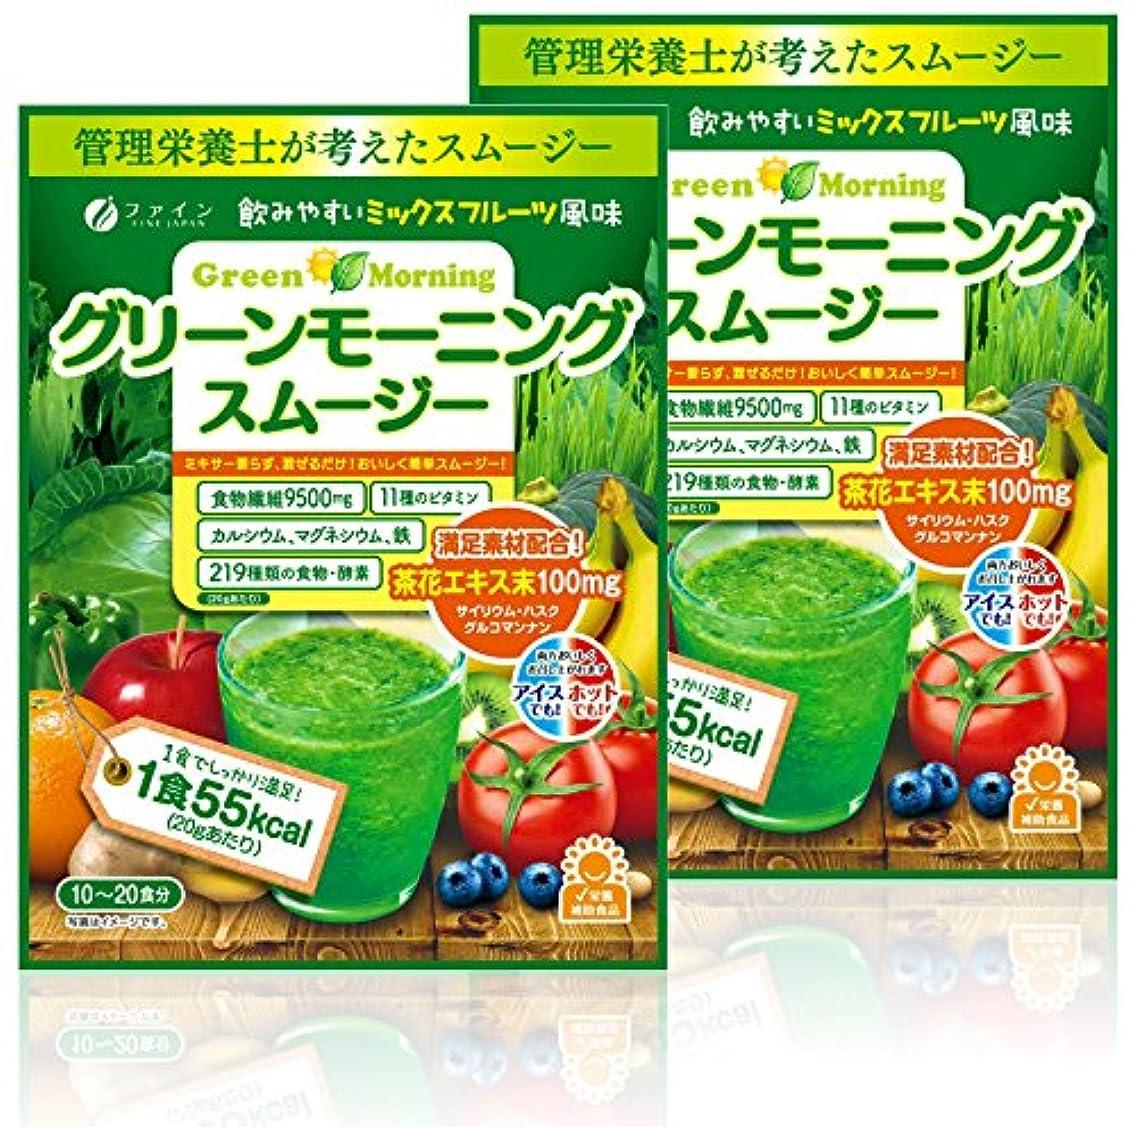 レッスン怠感狭いファイン グリーンモーニングスムージー 食物繊維9.5g 植物酵素配合 (200g入)×2袋セット